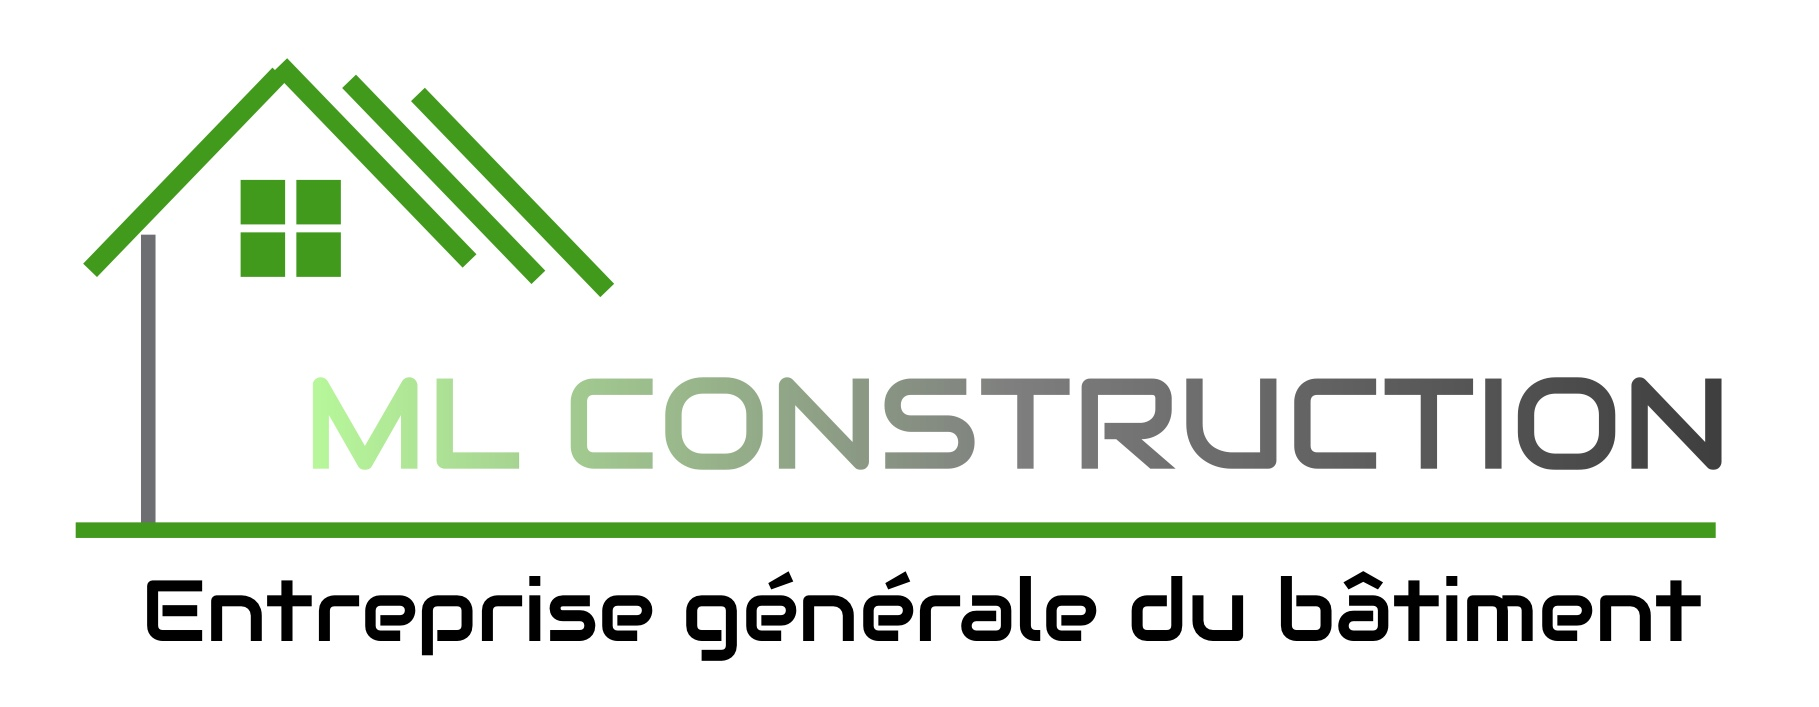 Logo de ML CONSTRUCTION, société de travaux en Construction de maison